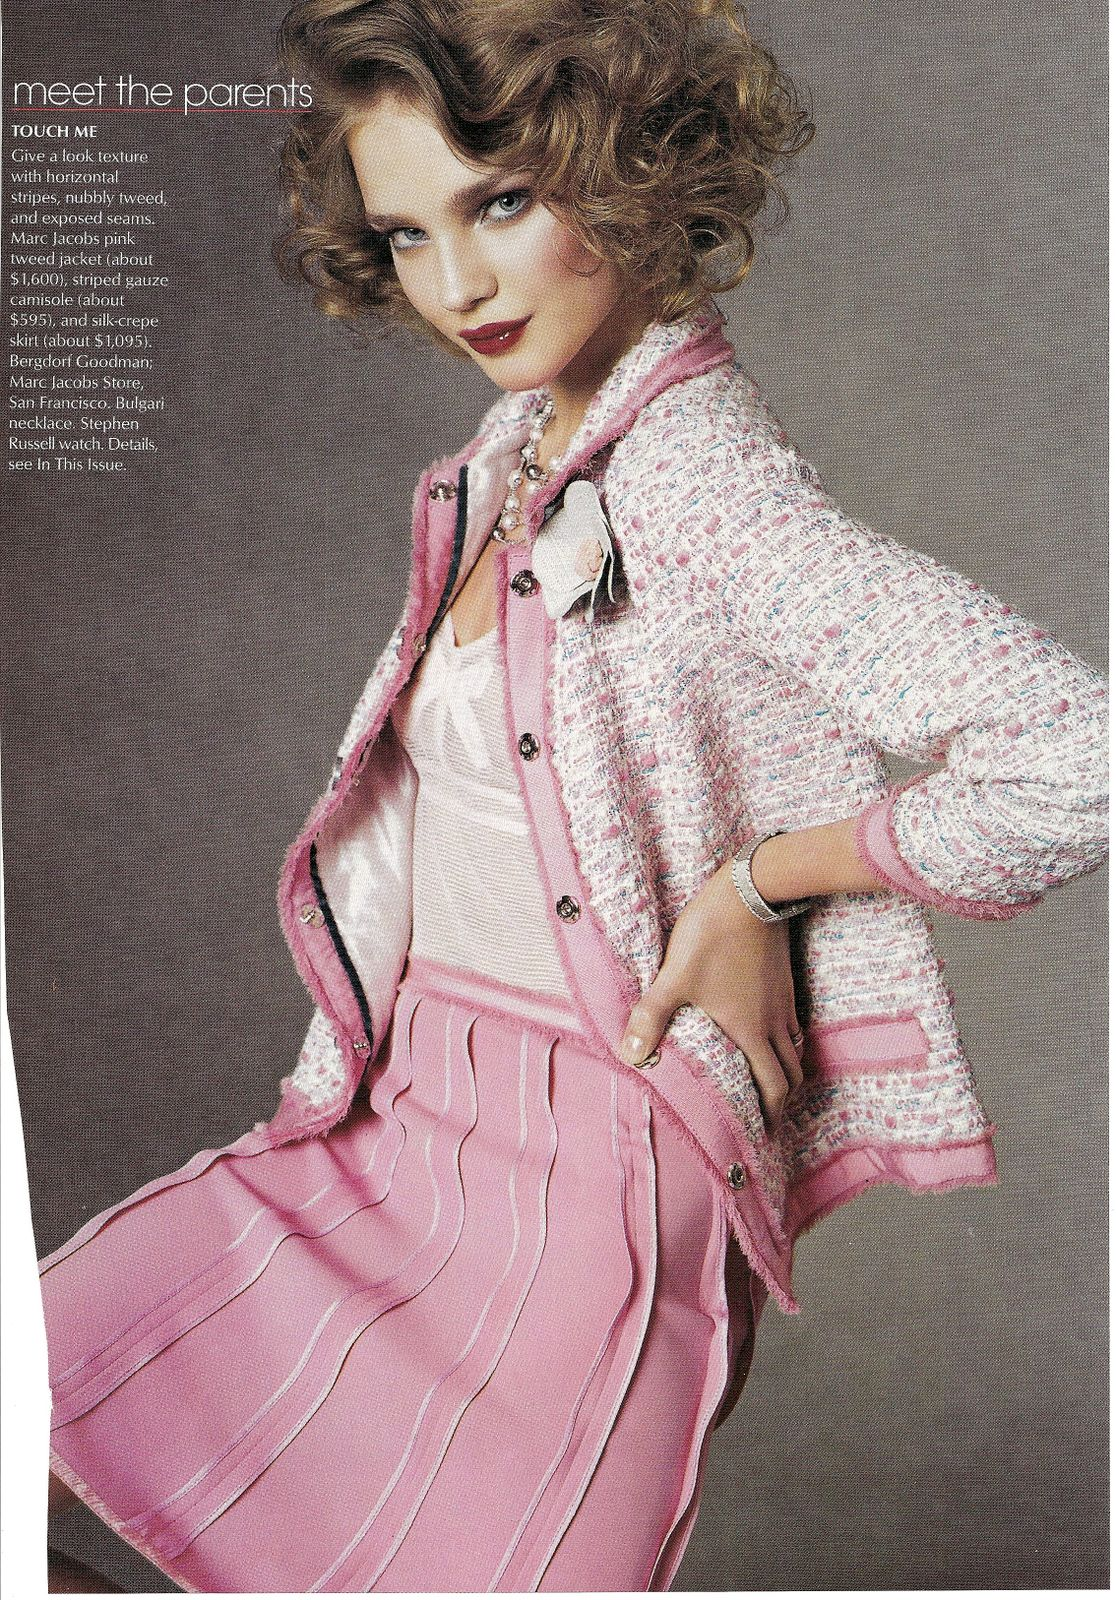 http://4.bp.blogspot.com/_pjScfuz_KZA/TQKKC_65ziI/AAAAAAAABAs/xw3ILc3ylv0/s1600/Chanel+suit-Page-1.jpg